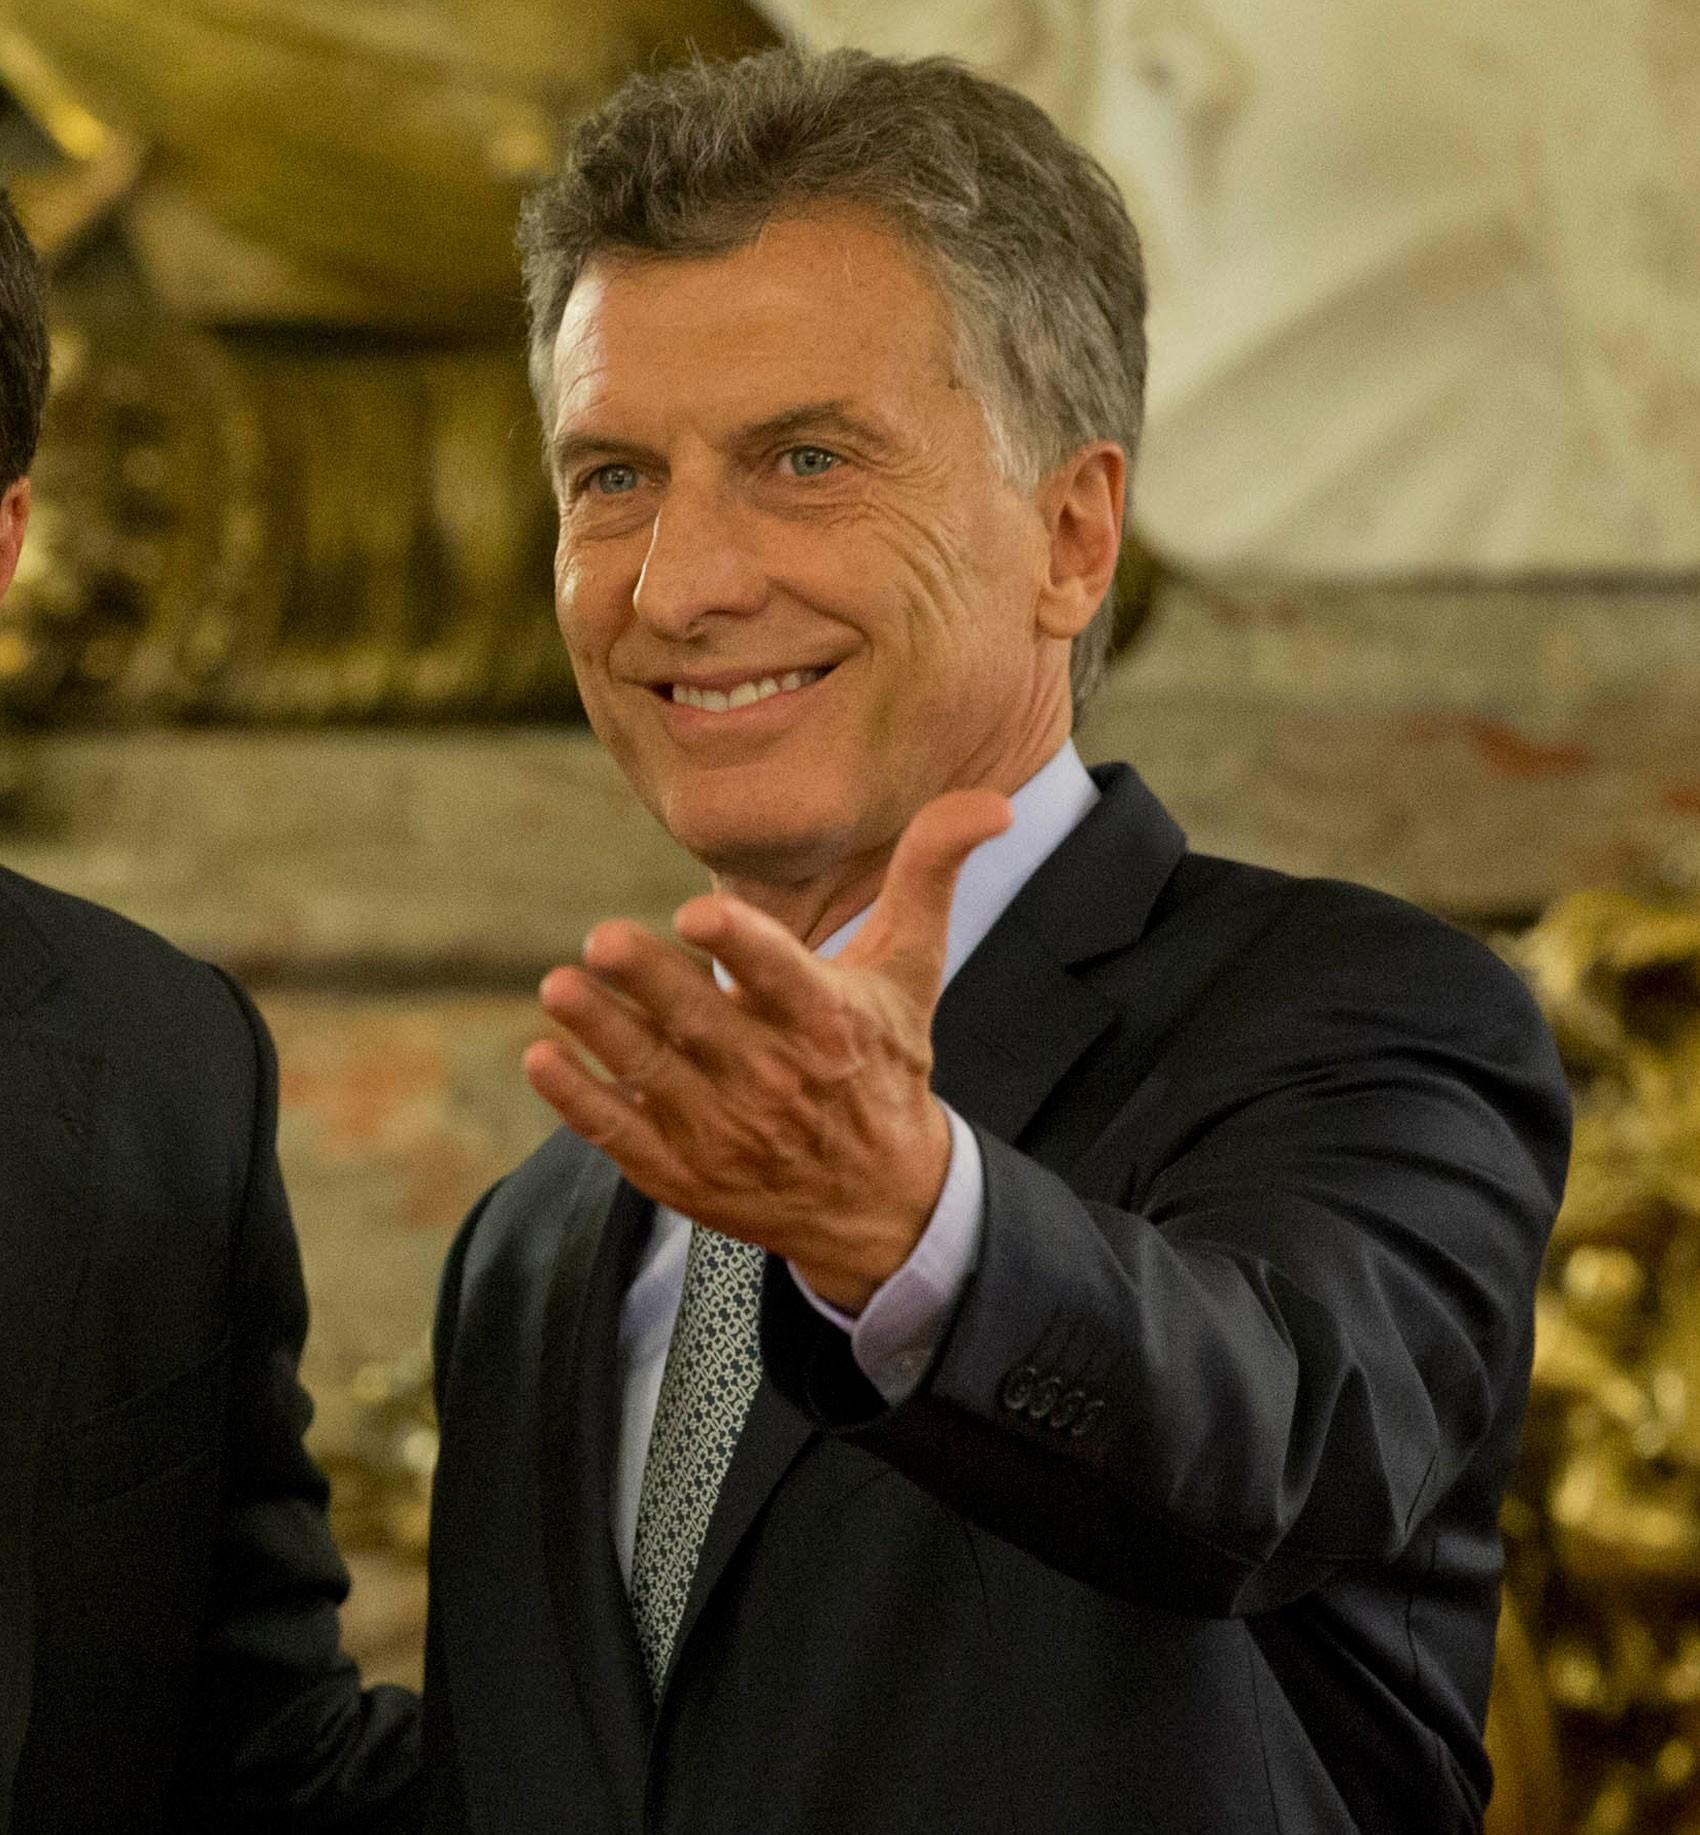 Mauricio Macri na Casa Rosada nesta quinta-feira (18) (Foto: AP/Natacha Pisarenko)